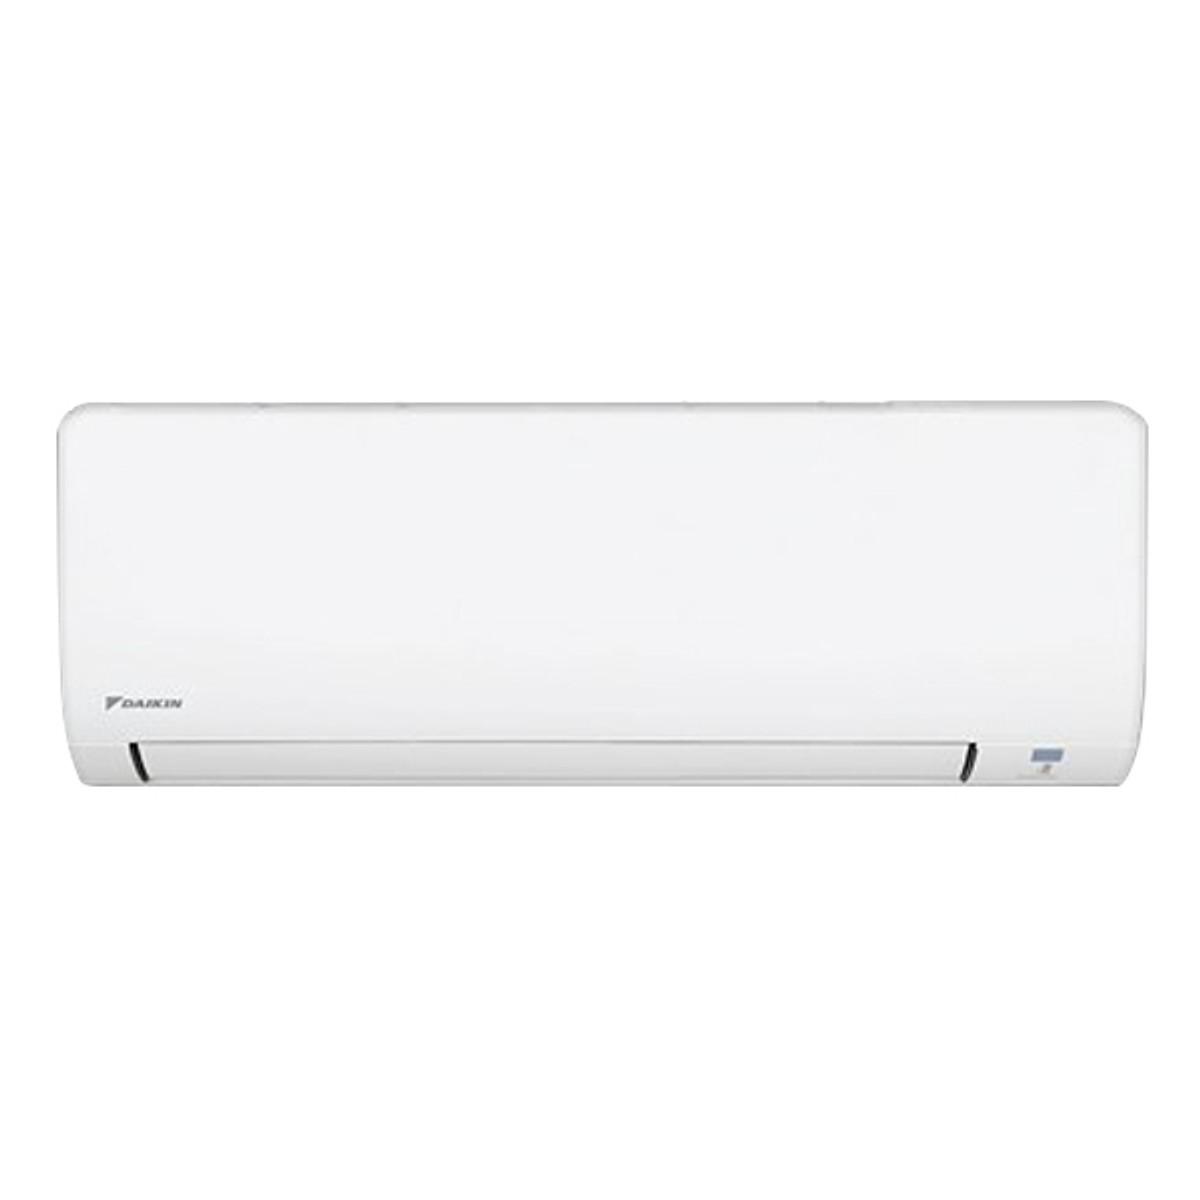 Máy Lạnh Daikin FTC50NV1V/RC50NV1V (2.0HP) - Hàng Chính Hãng + Tặng Ê Ke Treo Máy Lạnh